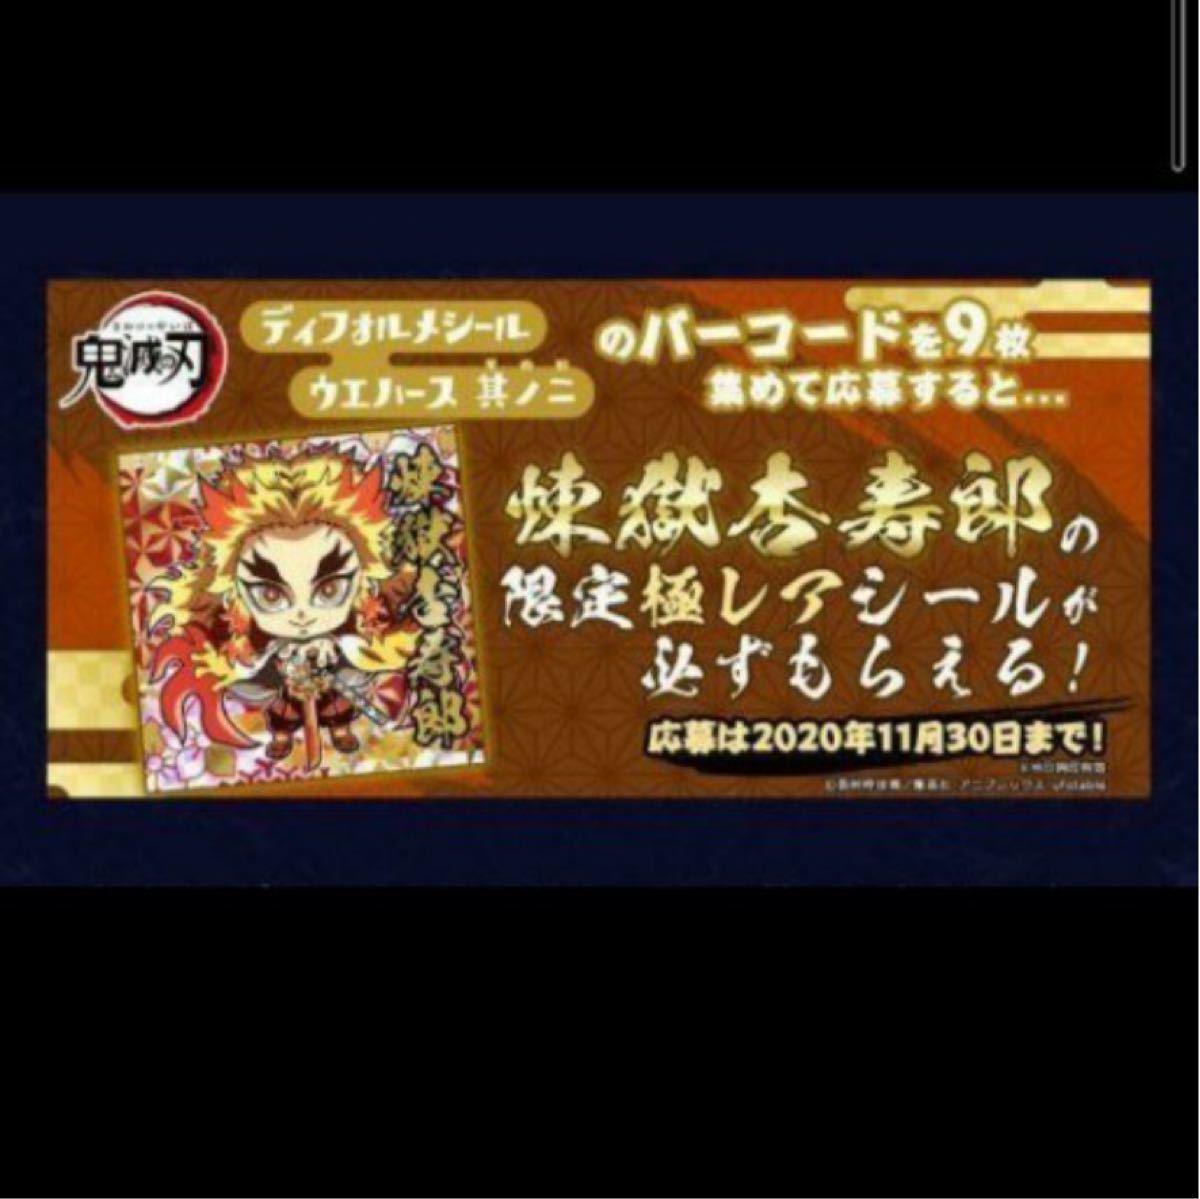 鬼滅の刃 煉獄杏寿郎 限定悟空レアシール1枚